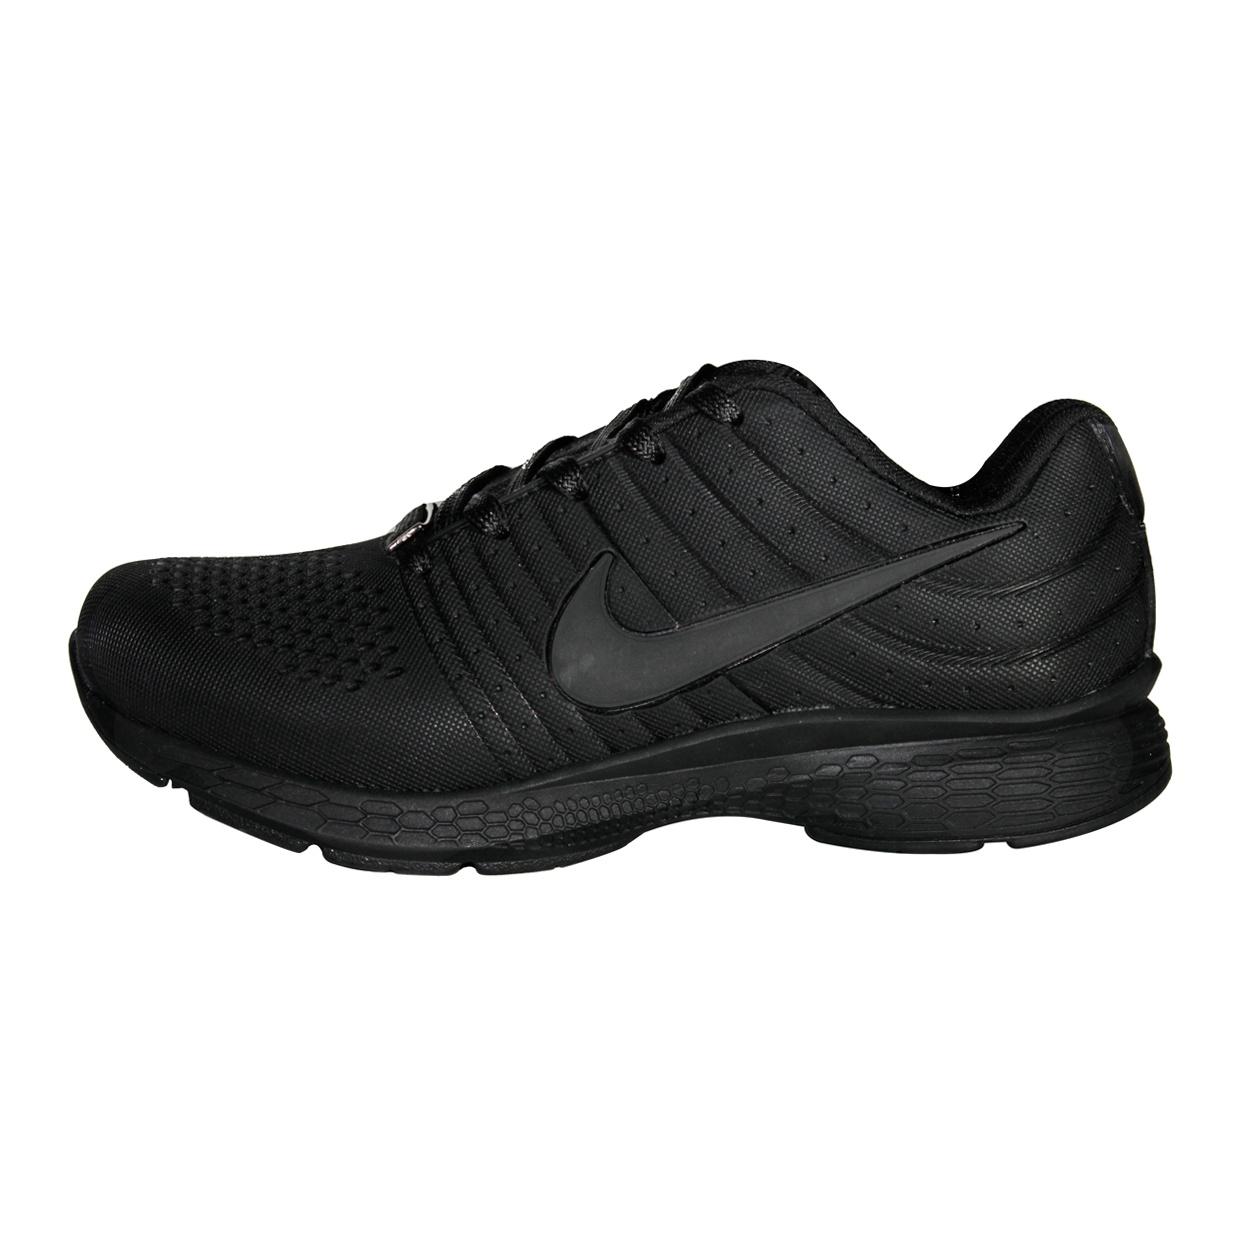 ...کفش مخصوص پیاده روی زنانه مدل Harper